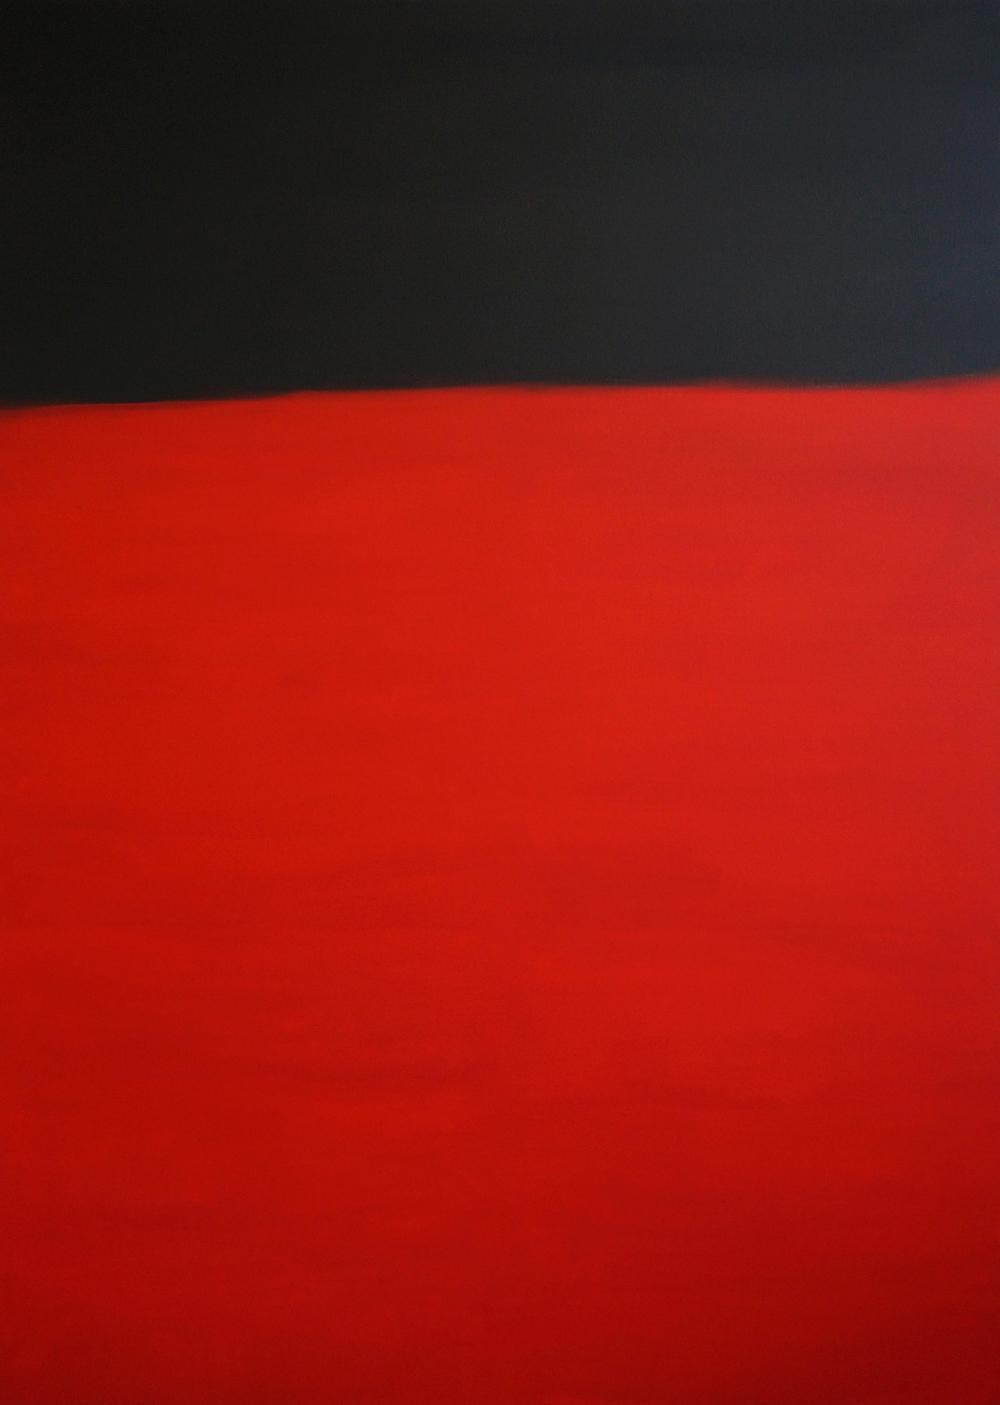 100 x 140 cm, acrylics on canvas, 2015